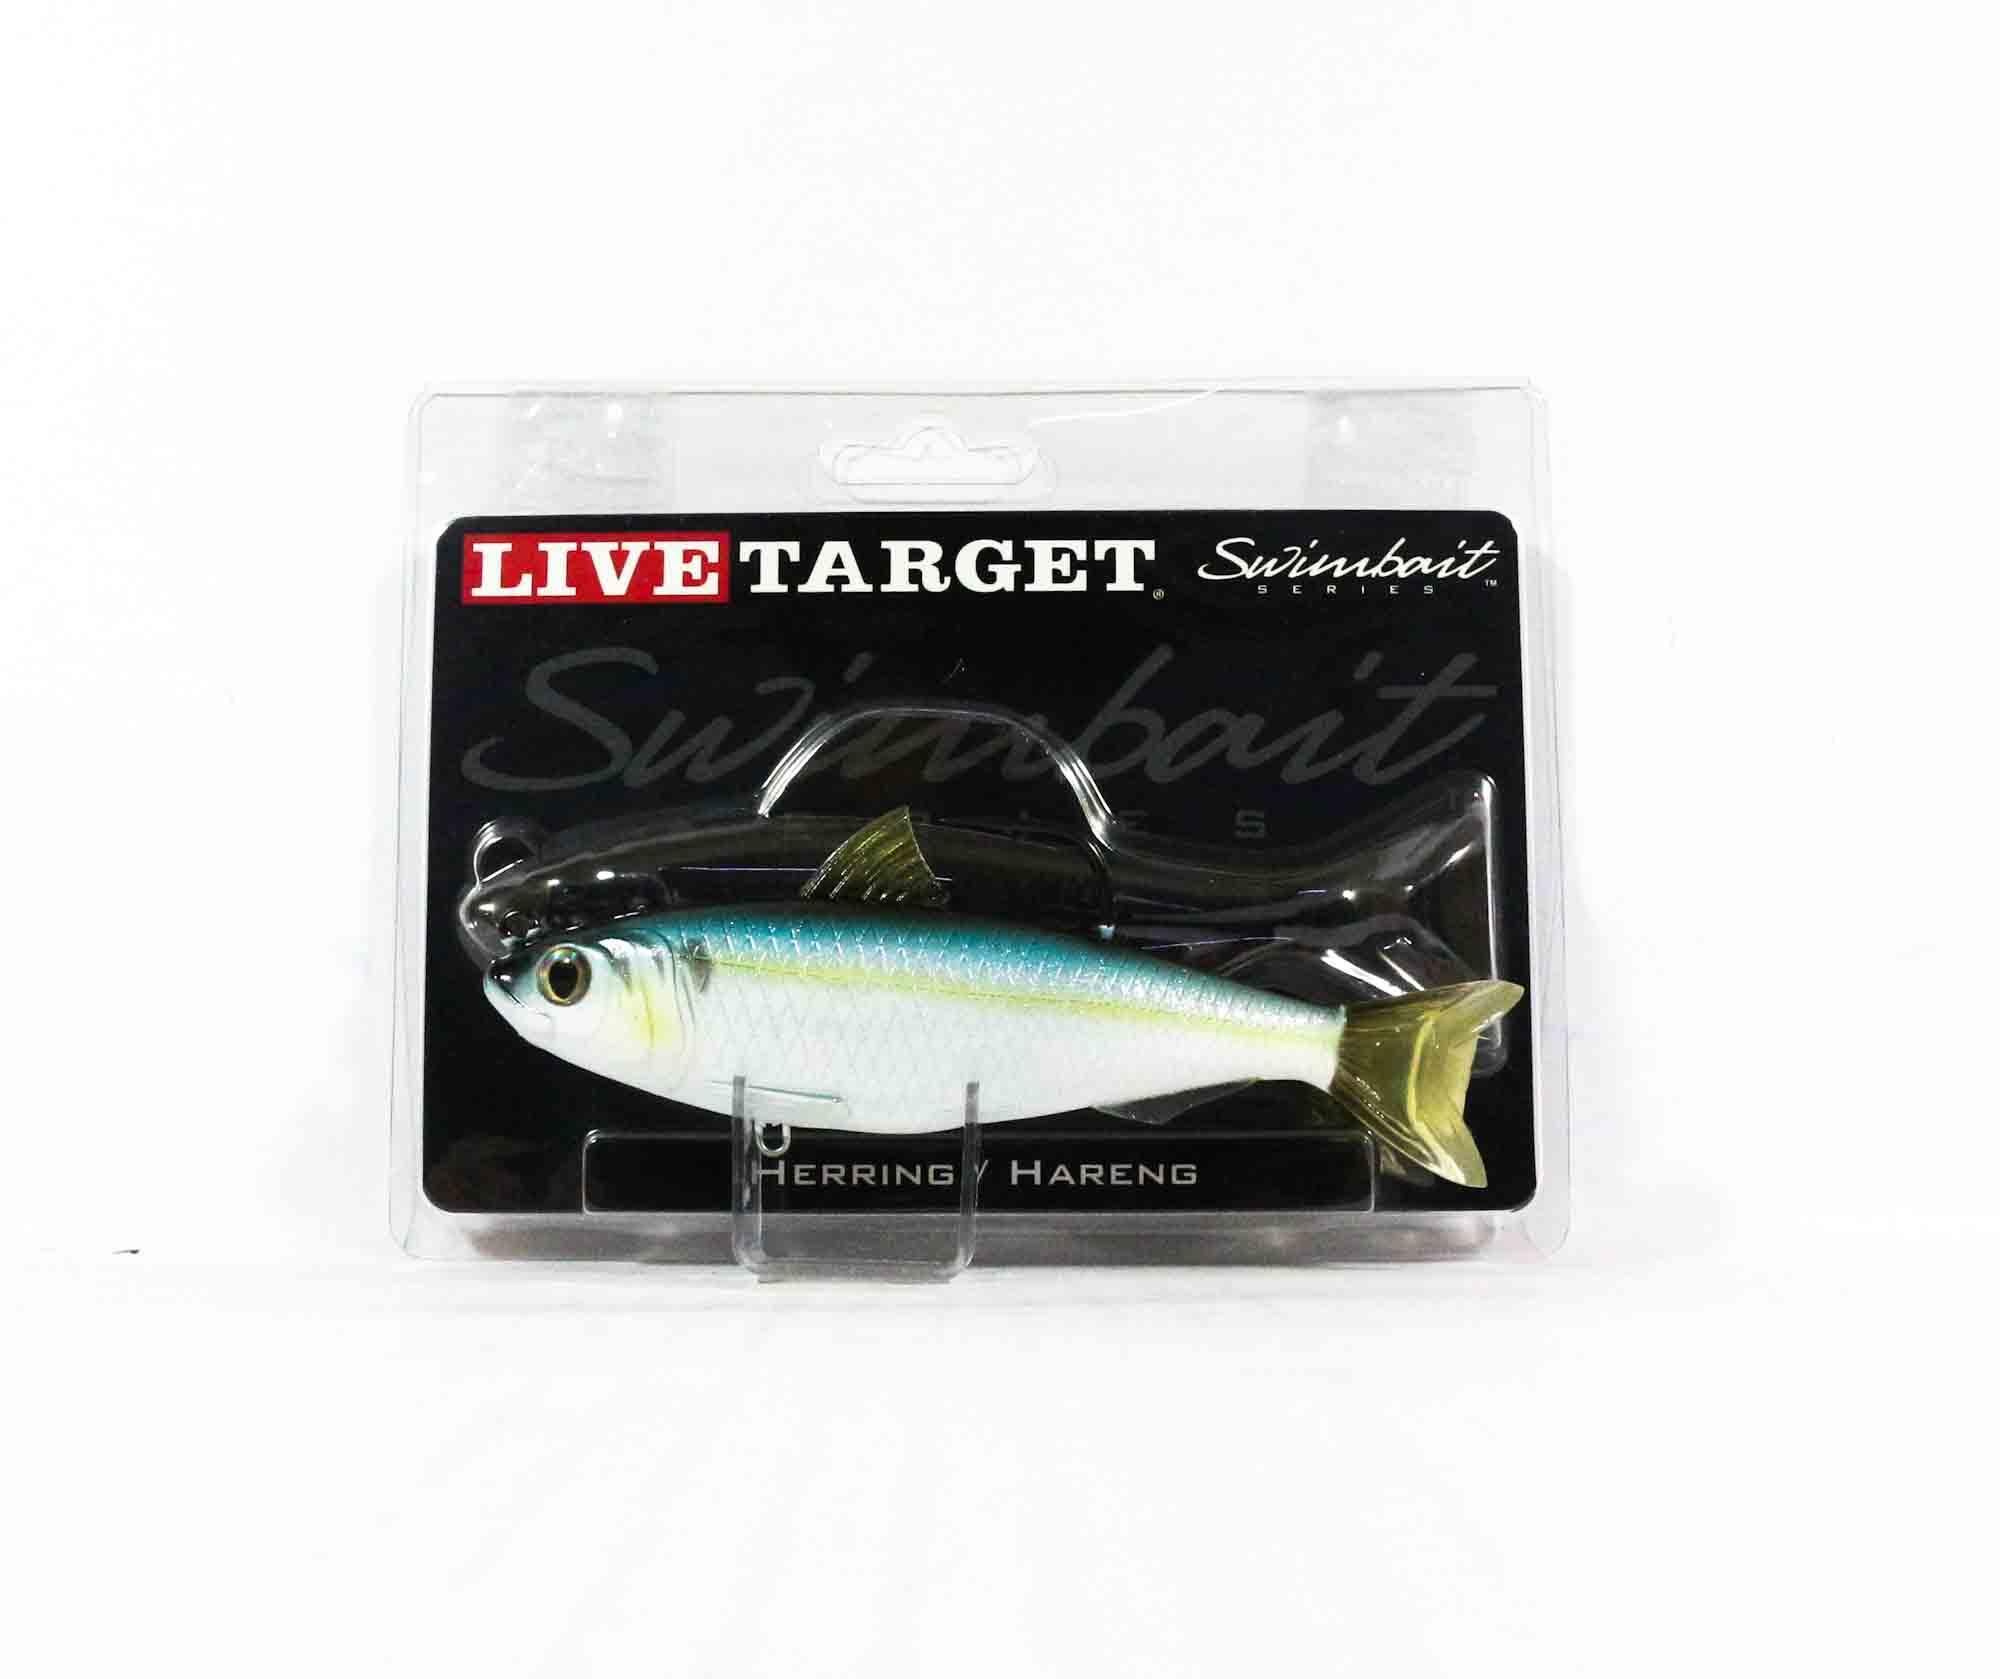 Live Target BBS140MS700 Swimbait Blueback Herring 5.5 Inch Blue Black (8955)